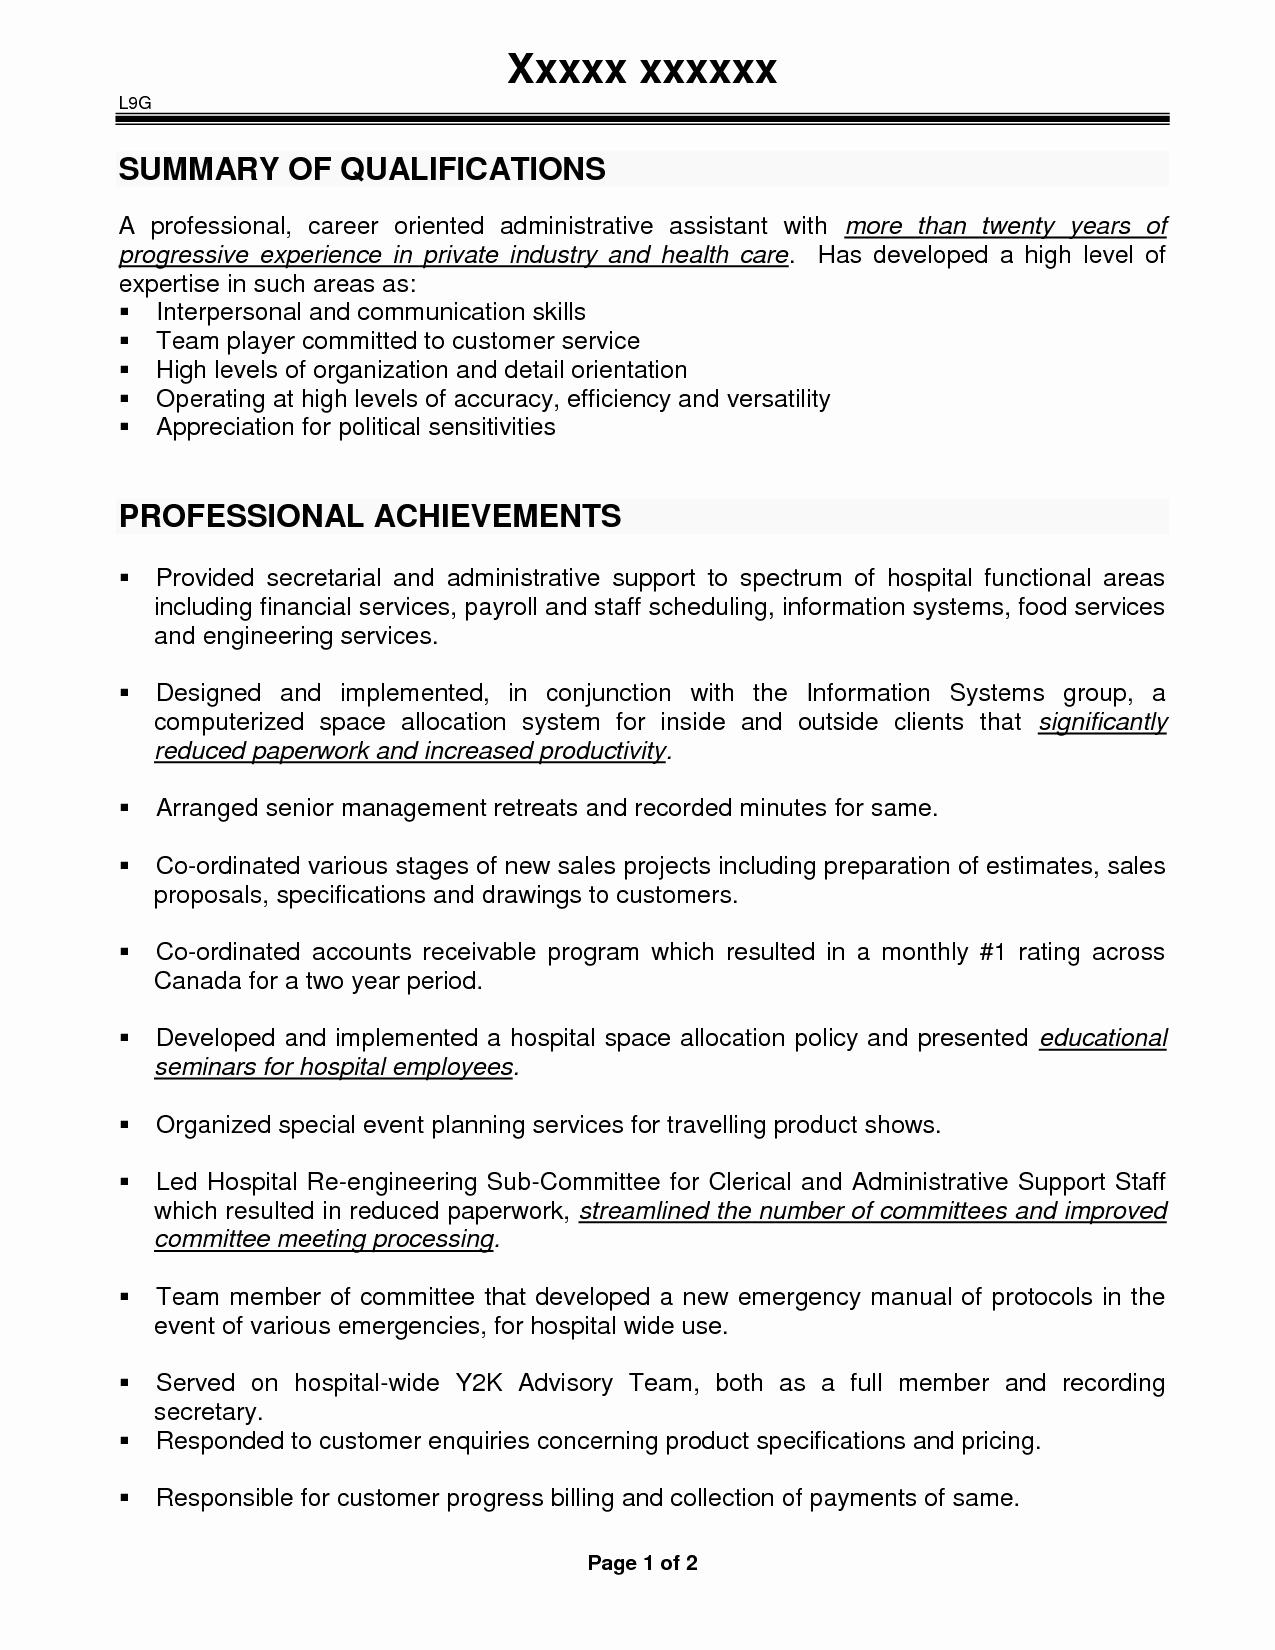 Medical Administrative assistant Jobs 2016